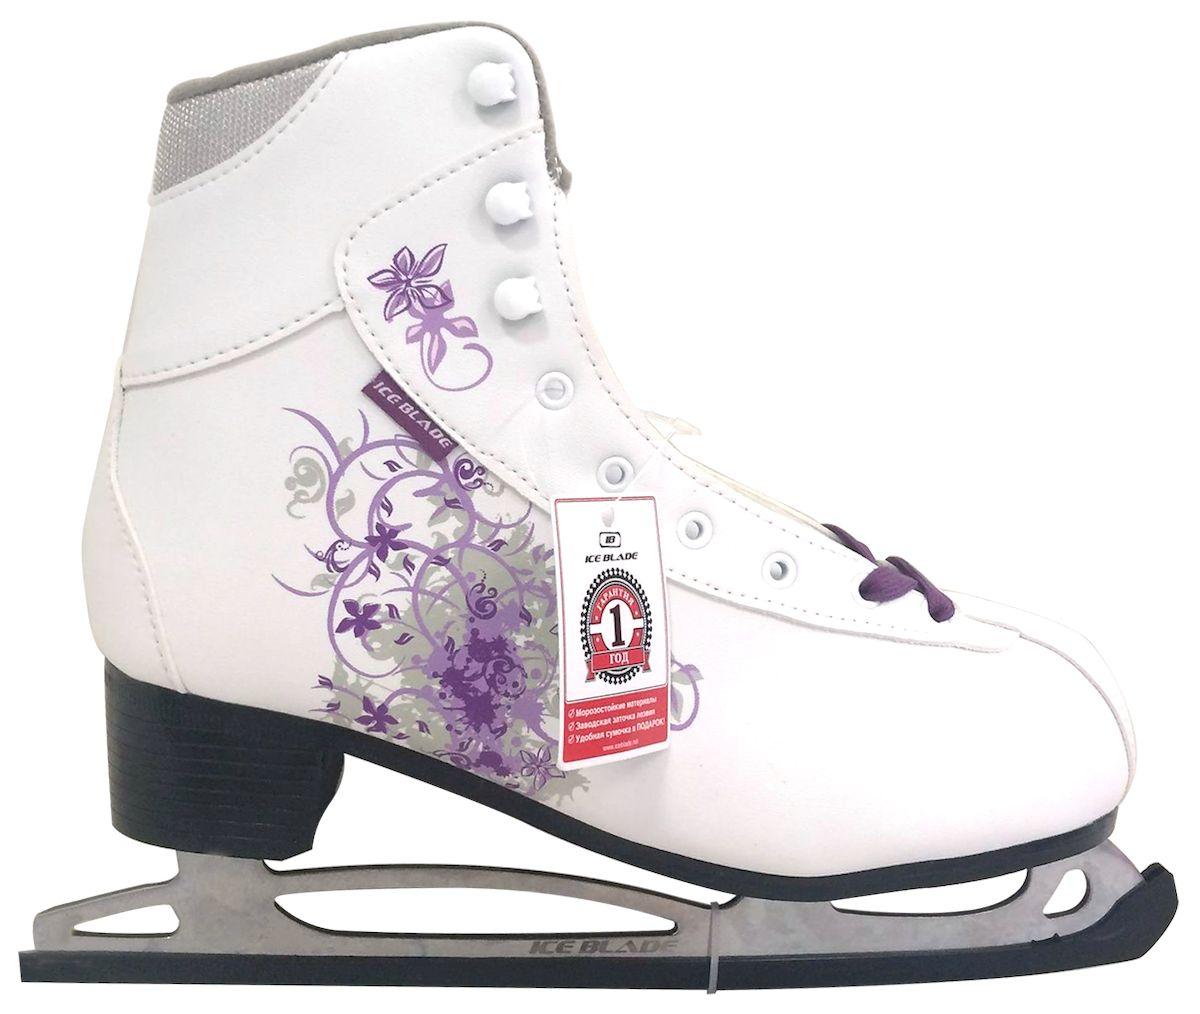 Коньки фигурные Ice Blade Sochi, цвет: белый, фиолетовый. УТ-00004988. Размер 34PW-221Коньки классической формы Ice Blade Sochi - прекрасные коньки, на создание которых технологов и дизайнеров Ice Blade вдохновили зимние Олимпийские игры 2014 в Сочи.Данные фигурные коньки предназначены для любительского катания. Они не только надежны и комфортны в использовании, но и отличаются прекрасным дизайном. Они выполнены из высококачественной искусственной кожи, обработанной защитным составом, предотвращающим негативное воздействие влаги.Ботинок очень удобен, благодаря своей анатомической конструкции, а его усиление надежно защищает голеностоп от повреждений. Ботинок изготовлен из особой высококачественной искусственной кожи и обладает высокой прочностью.Внутренняя часть ботинка выполнена из искусственного меха. Лезвие изготовлено из высокоуглеродистой стали с покрытием из никеля, что уменьшает вероятность коррозии металла.Яркий дизайн, удобный ботинок с мягкой меховой подкладкой и поддерживающей конструкцией сделают катание безопасным и комфортным.